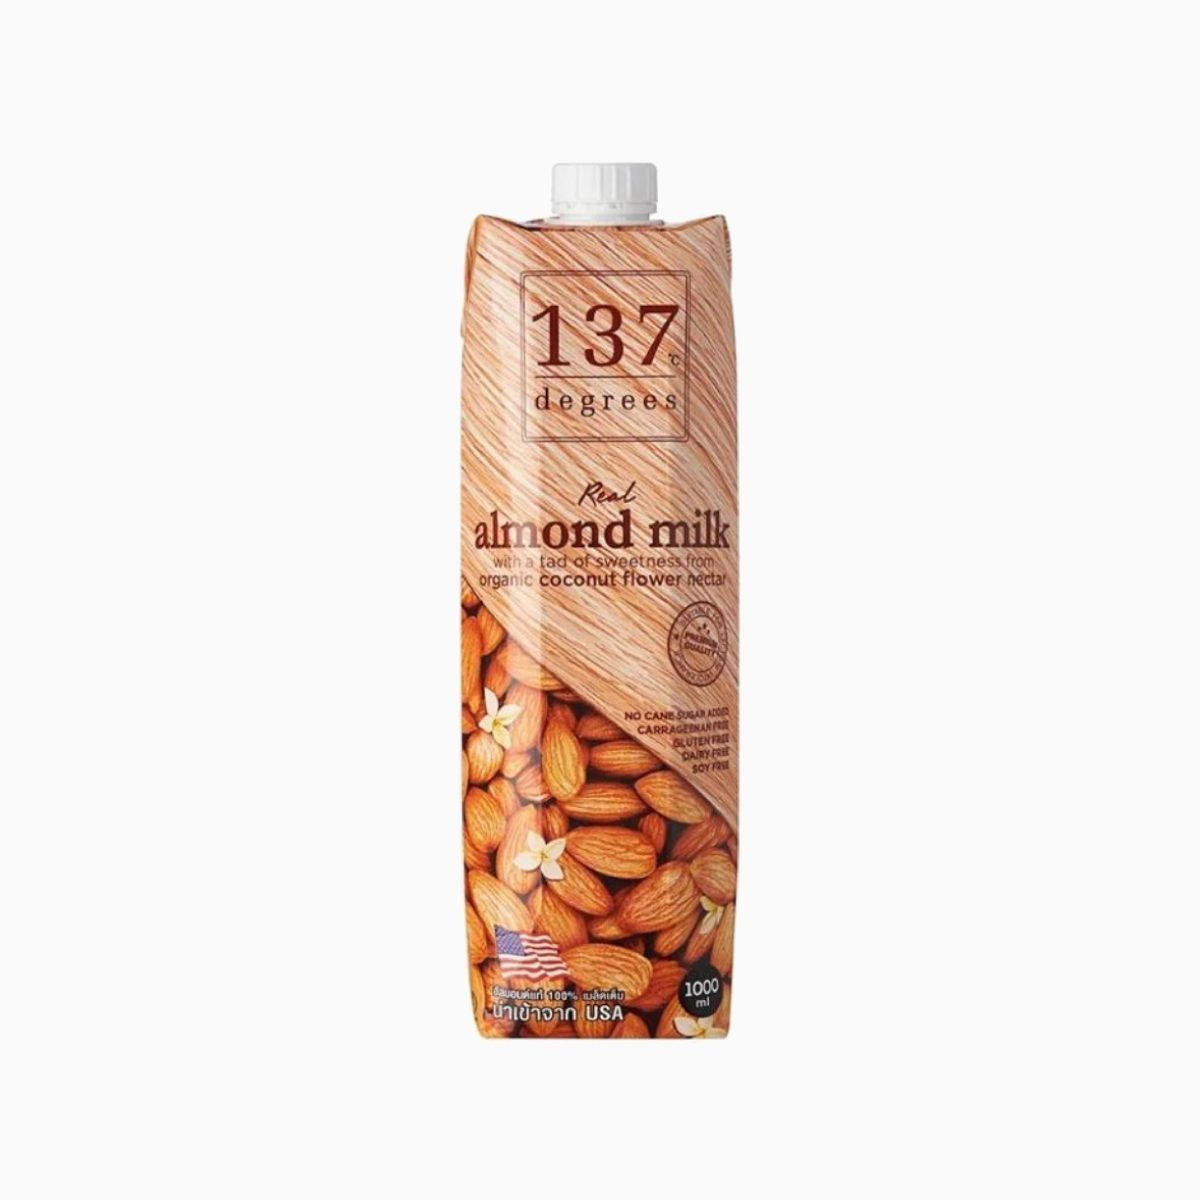 Молоко миндальное с нектаром кокосовых соцветий, 137 Degrees, 1 л